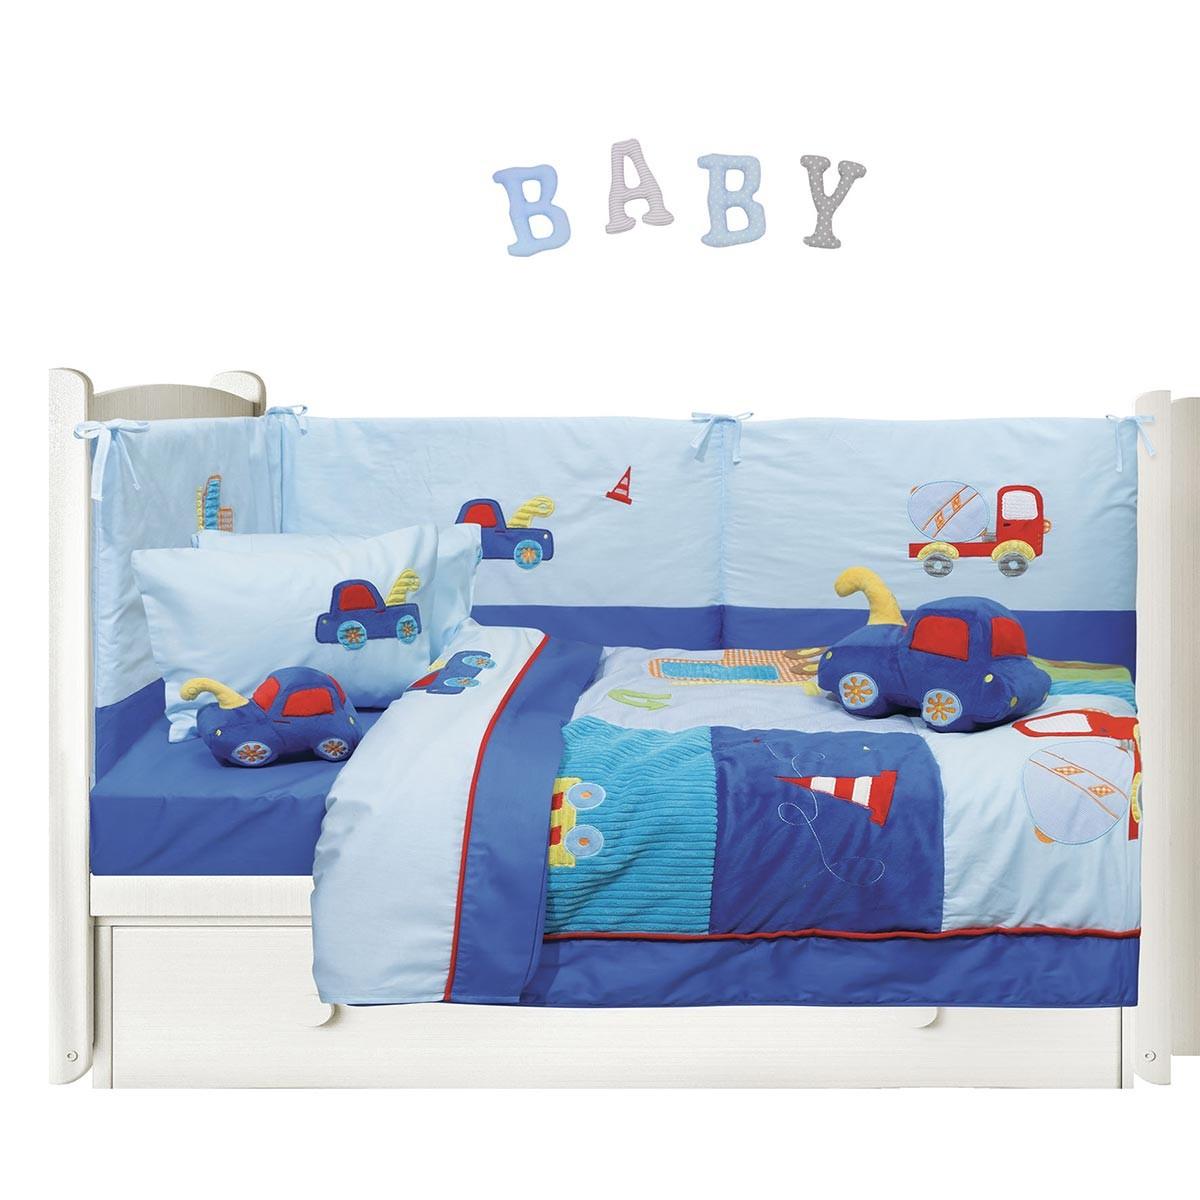 Σεντόνια Κούνιας (Σετ) Das Home Dream Embroidery 6393